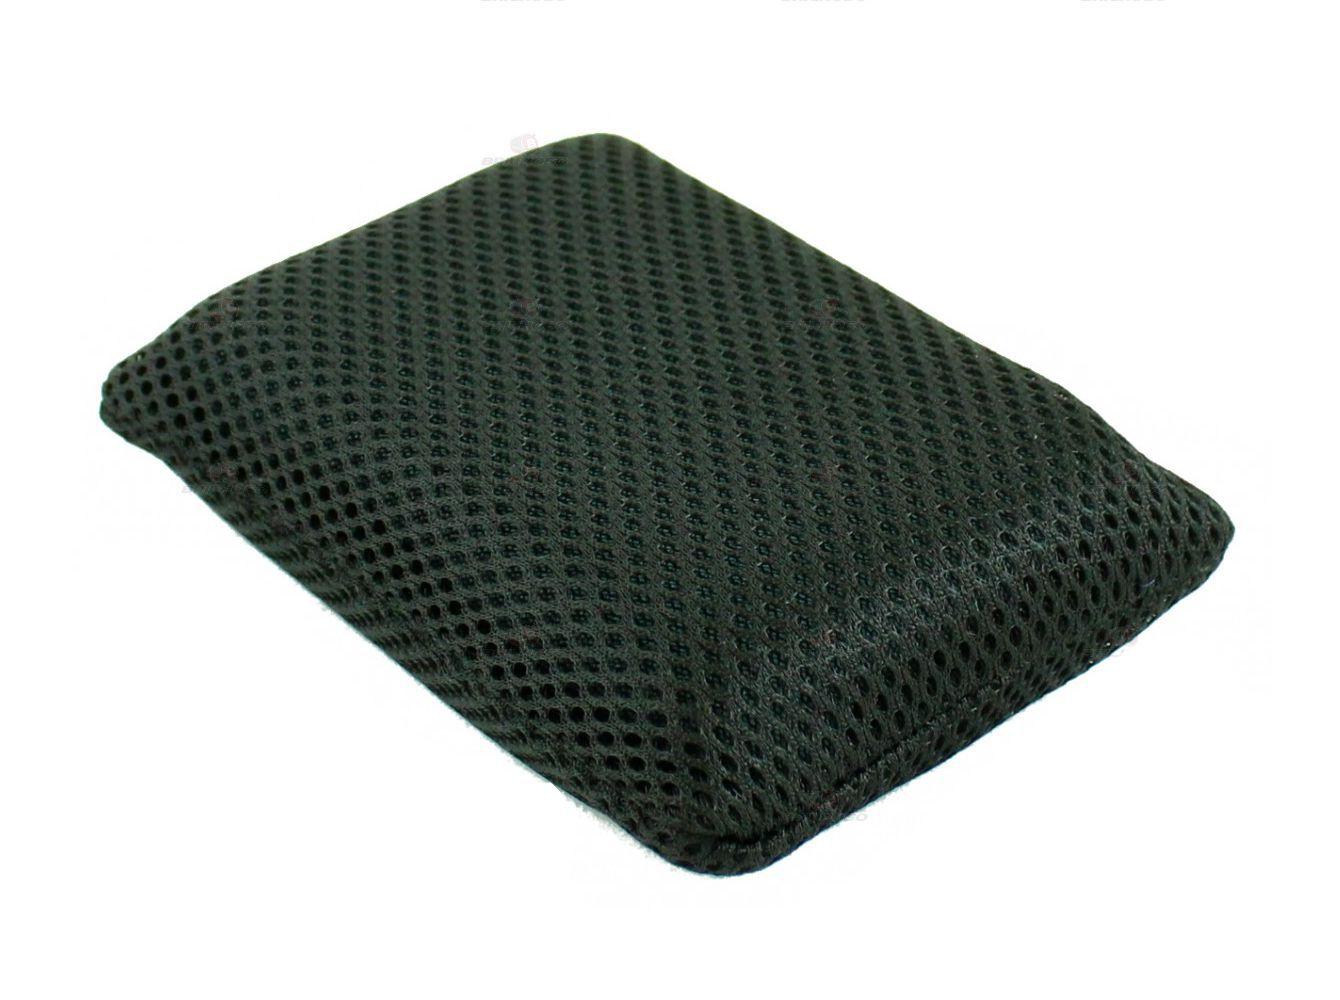 Esponja Removedora de Insetos 11cm x 13cm (Detailer)  - Loja Go Eco Wash